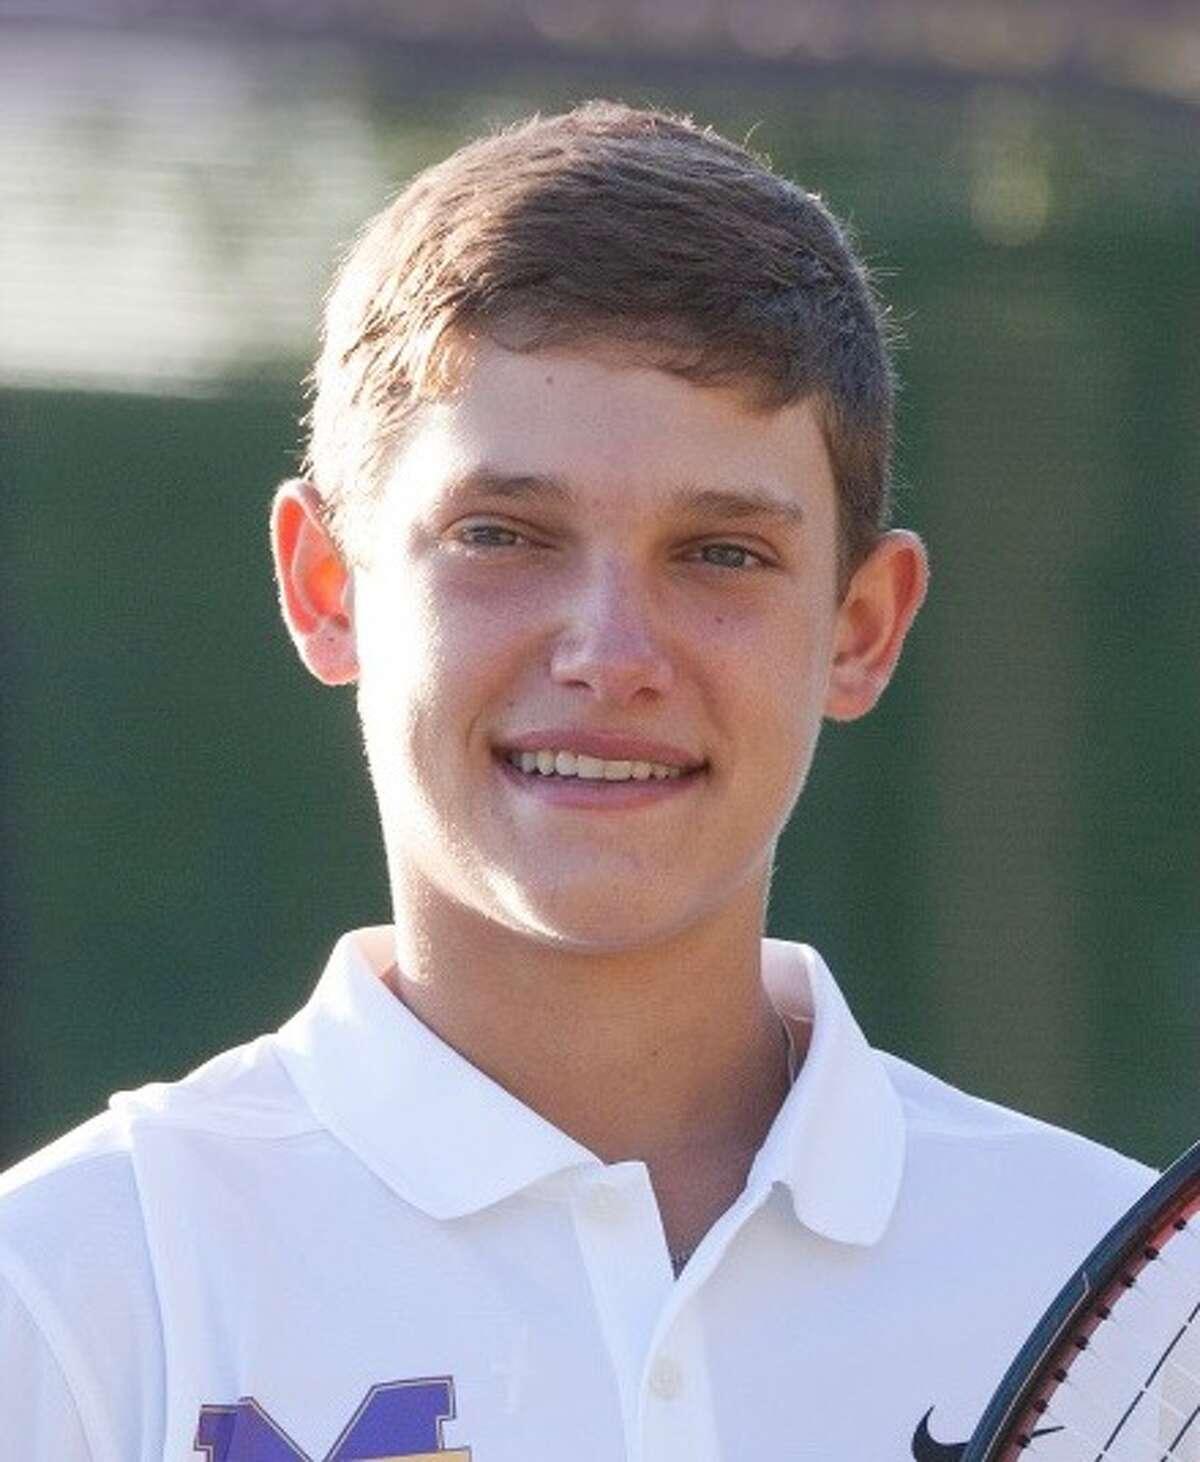 Midland High senior tennis player Tyler Stewart